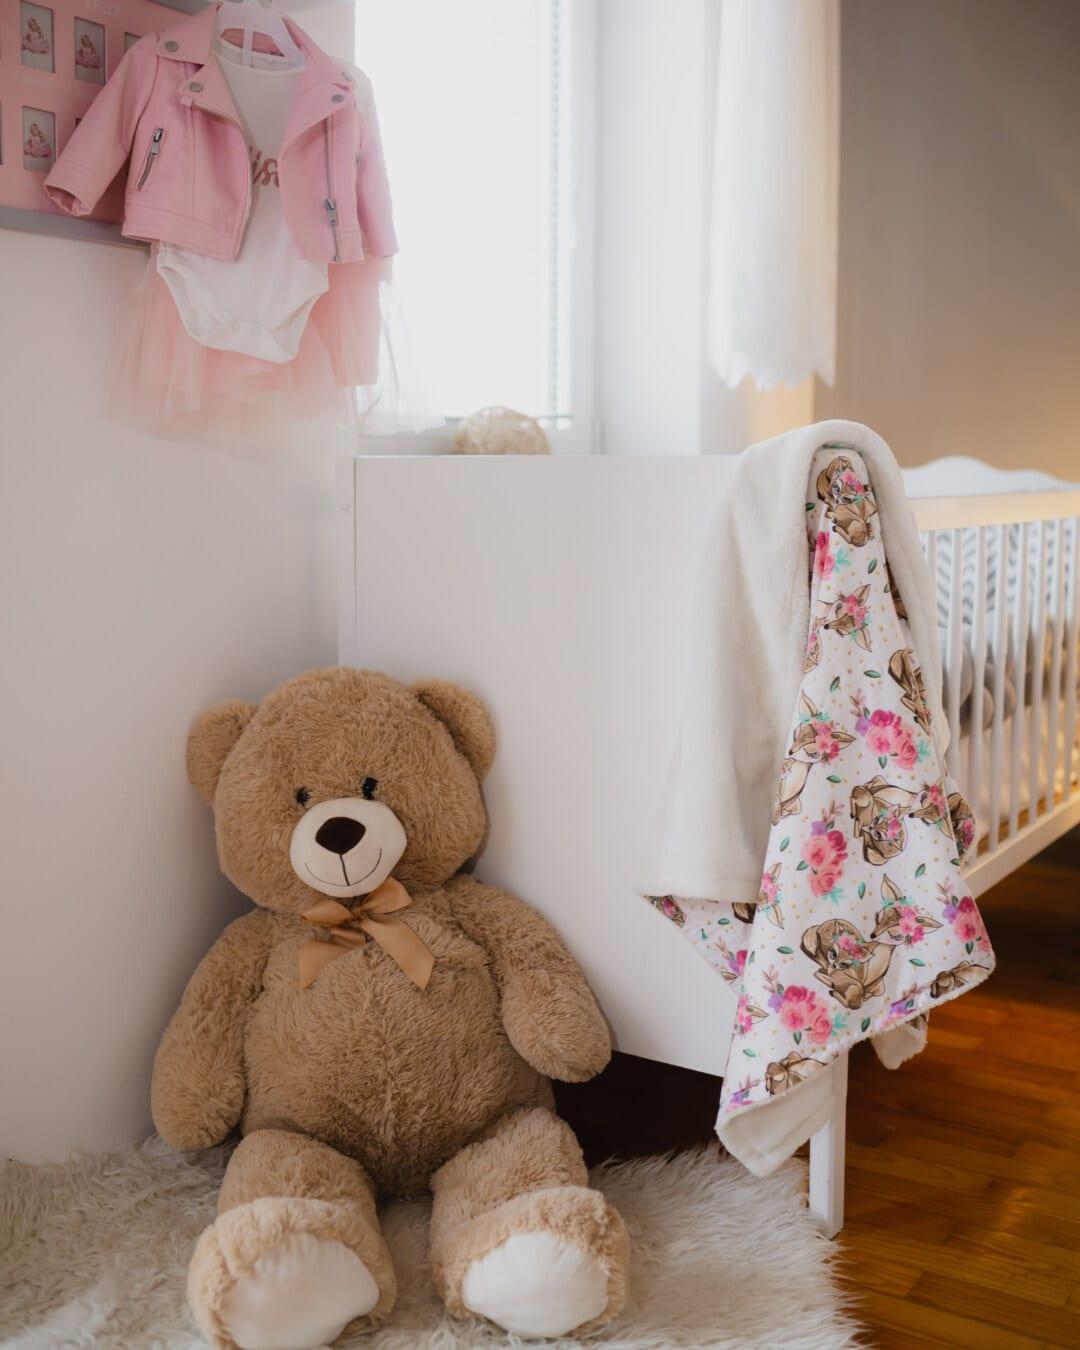 ours en peluche, gros, plancher, parquet, assis, lit, chambre à coucher, bébé, à l'intérieur, ours